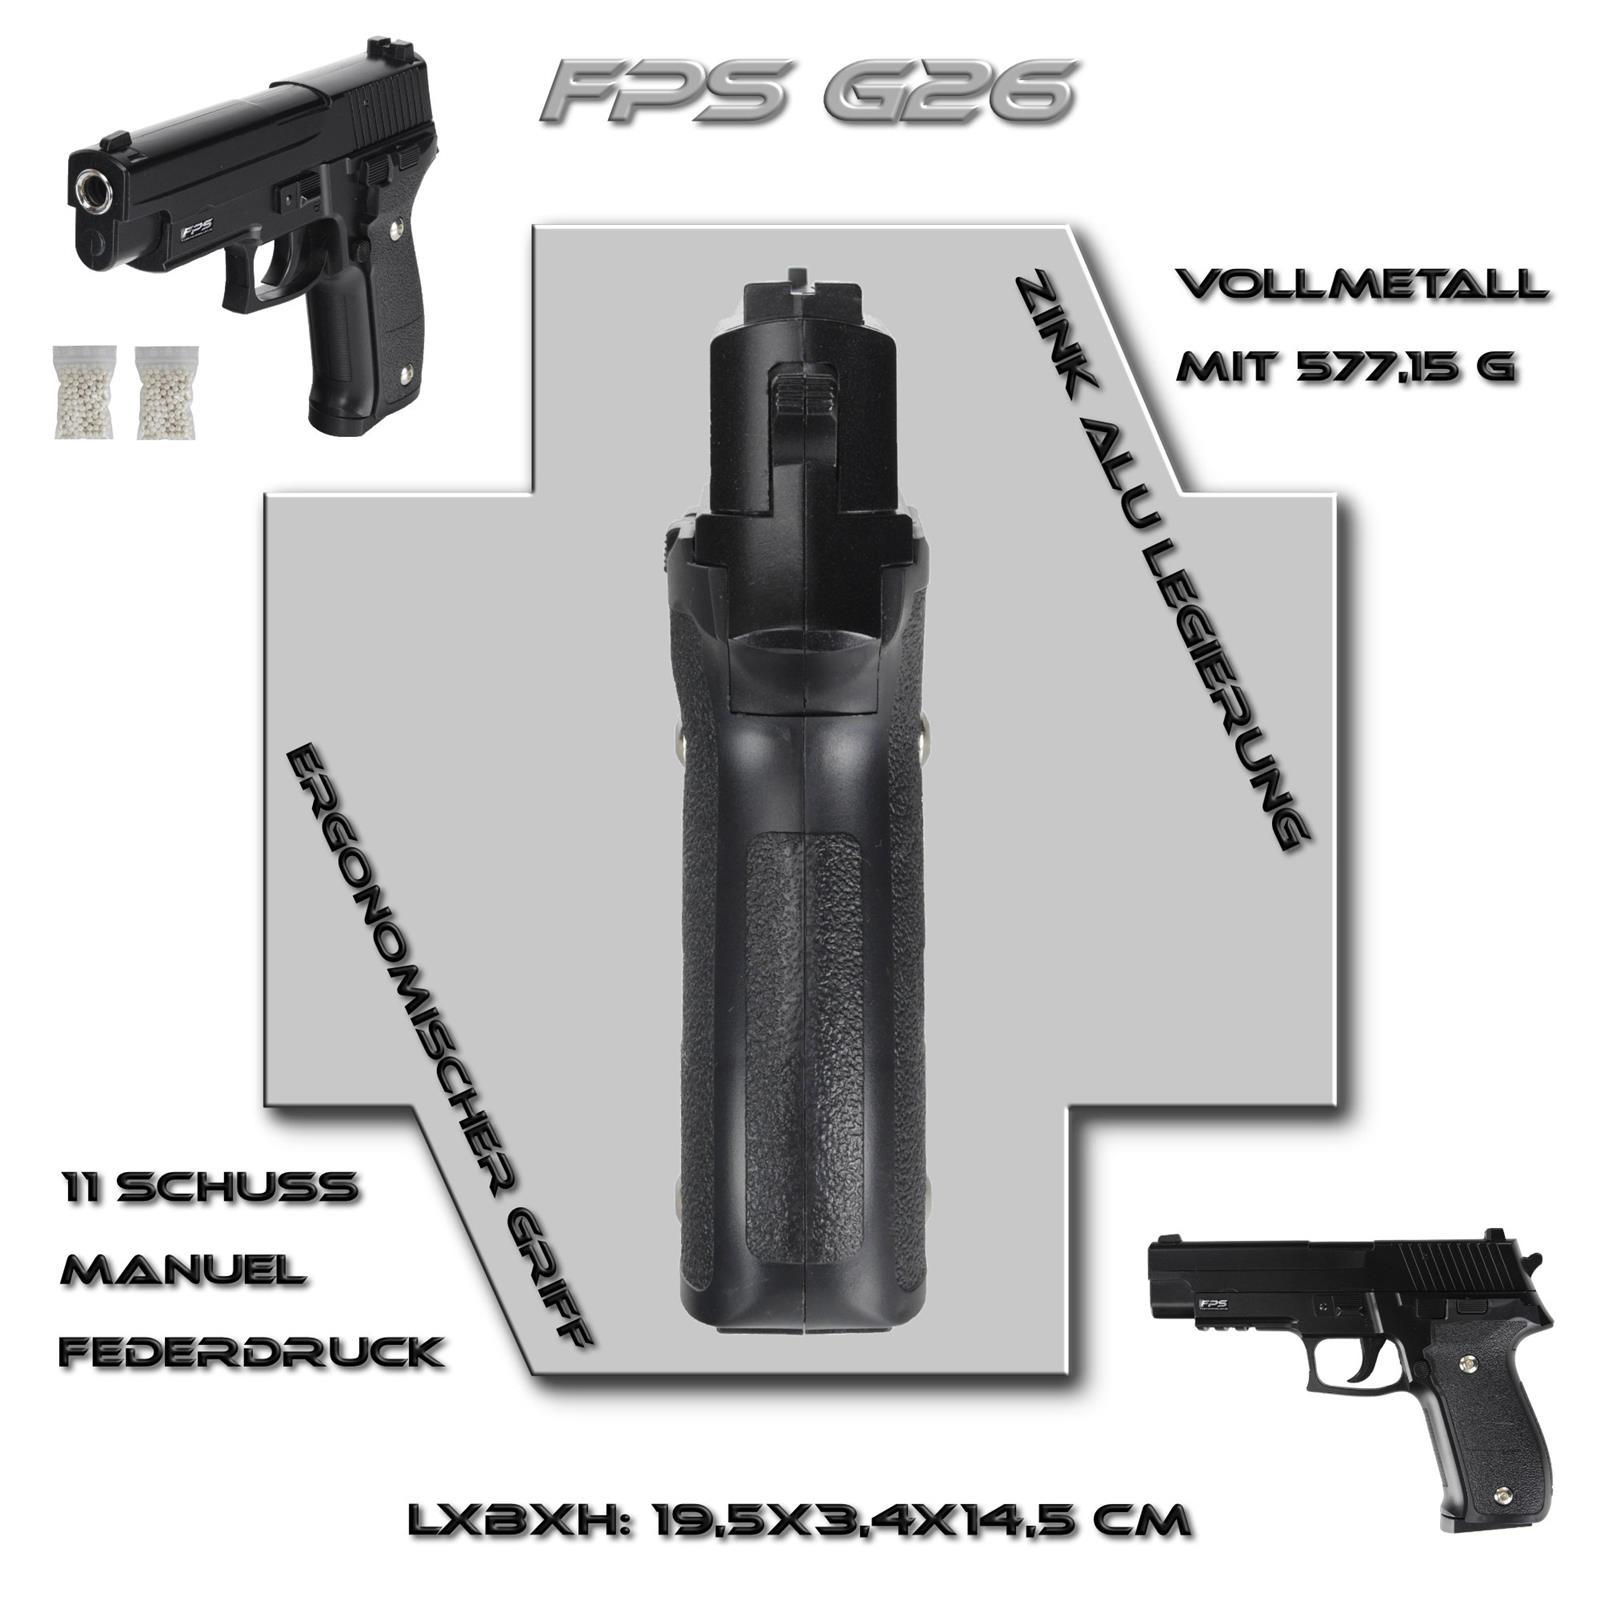 Softair Pistole Vollmetall Airsoft Gun Requisit Fps26 500x 0 2g Bb 6mm Schwarz Ebay